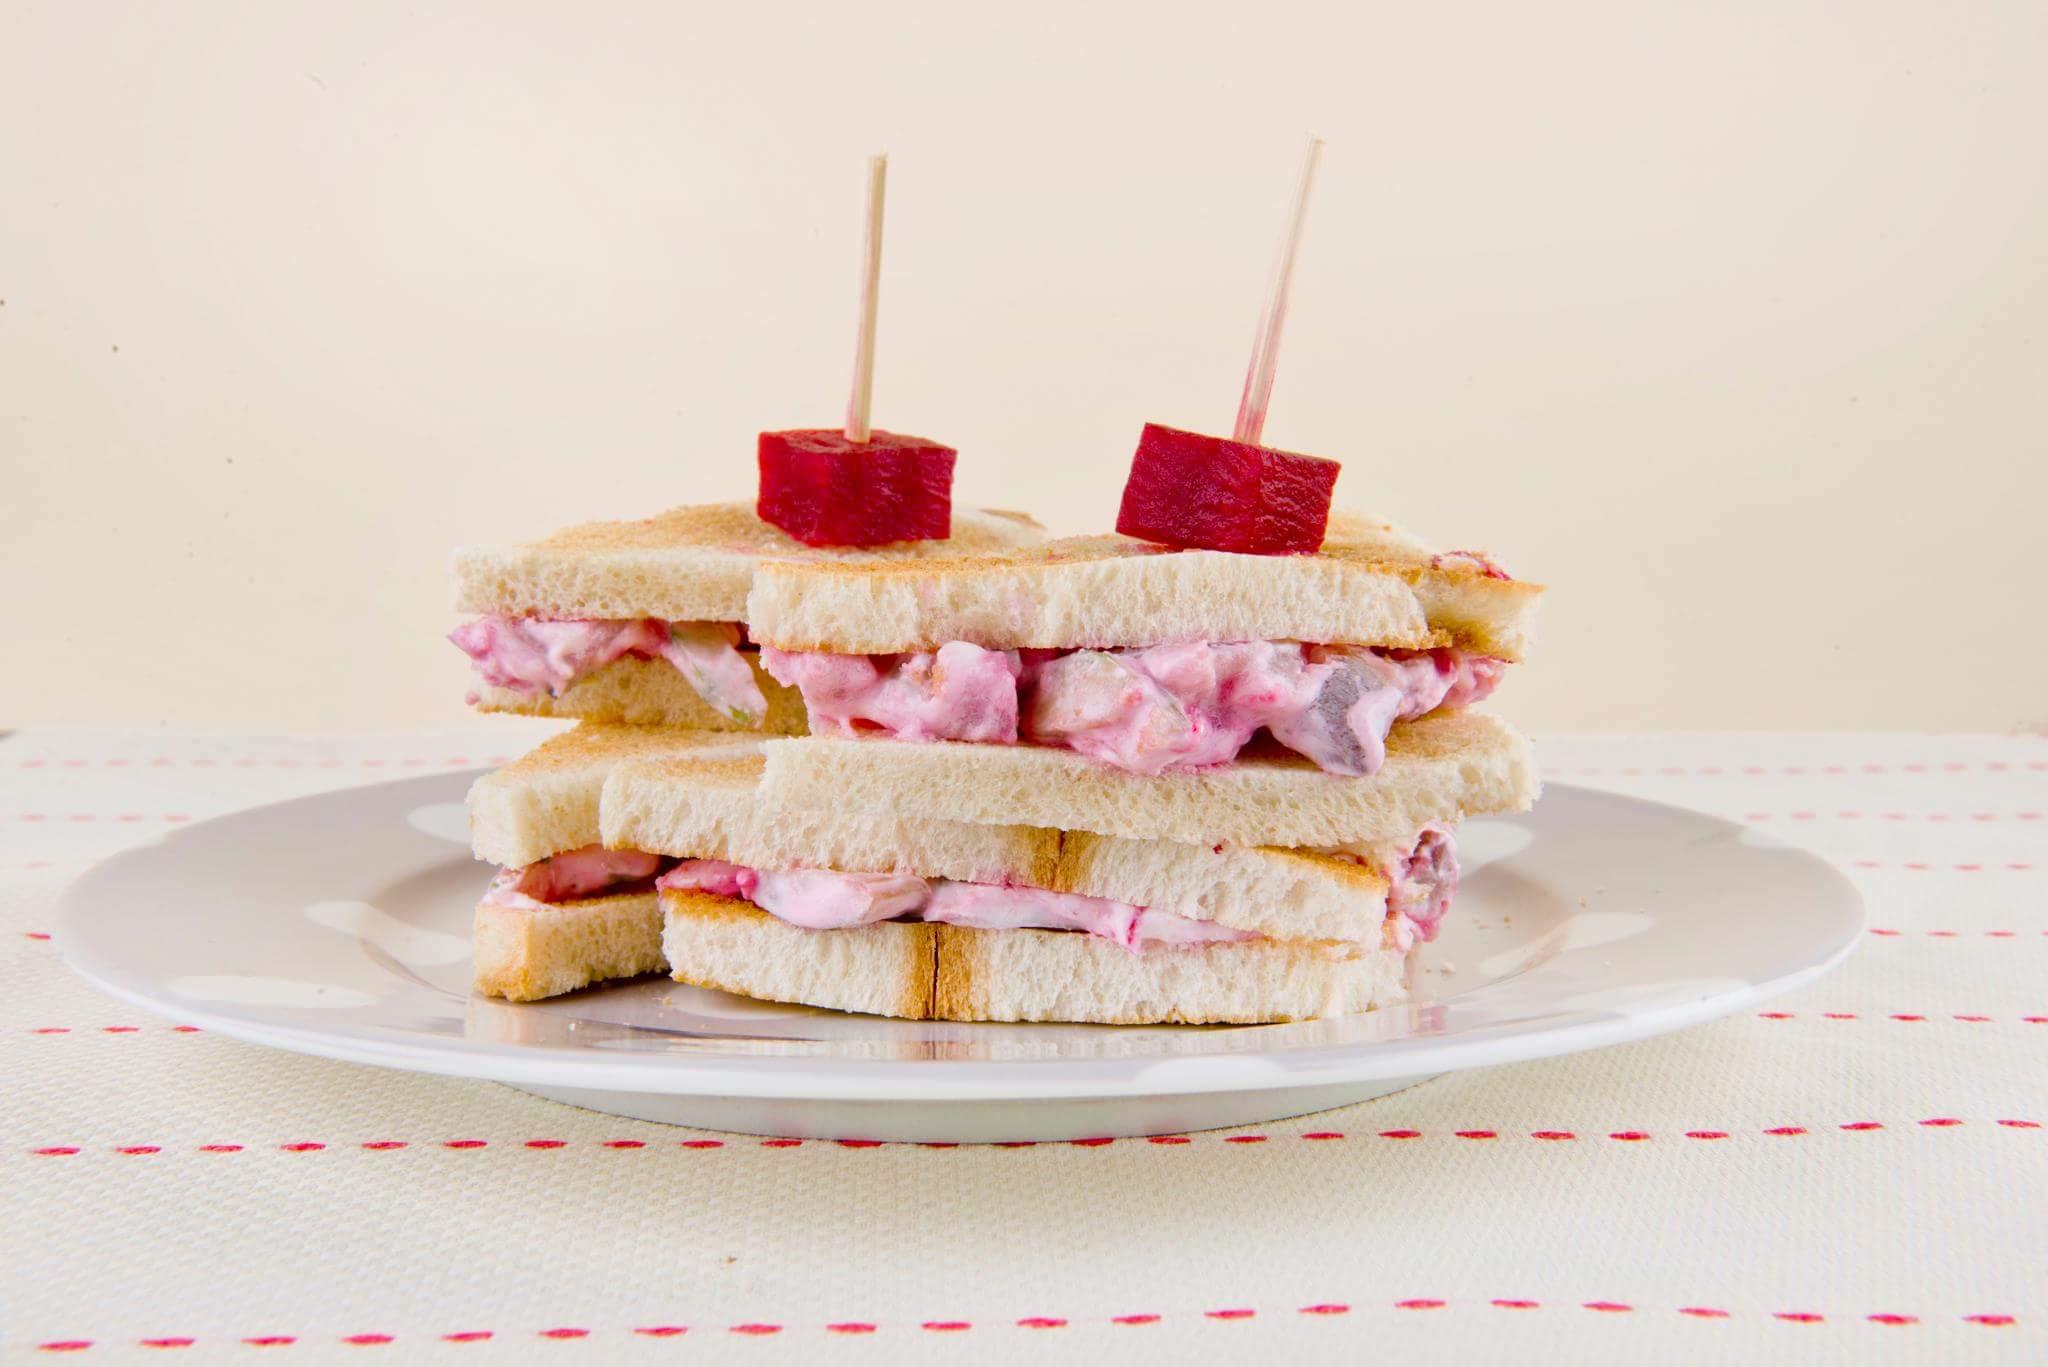 Сэндвич Трамеццини с сельдью, огурцом и свеклой